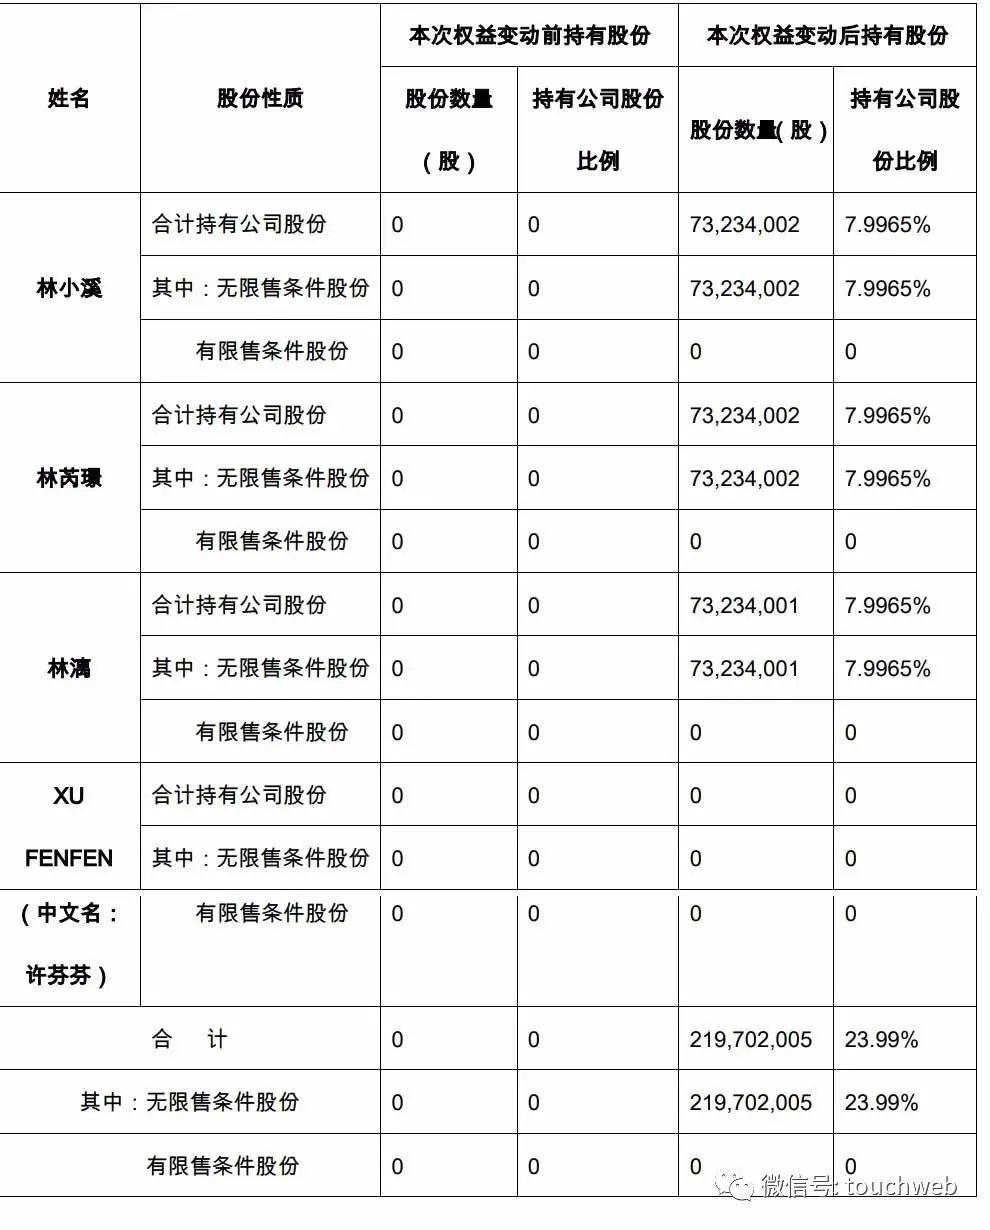 """林奇被曝未婚生子:30亿遗产引纷争 """"小姨子""""喊话游族"""